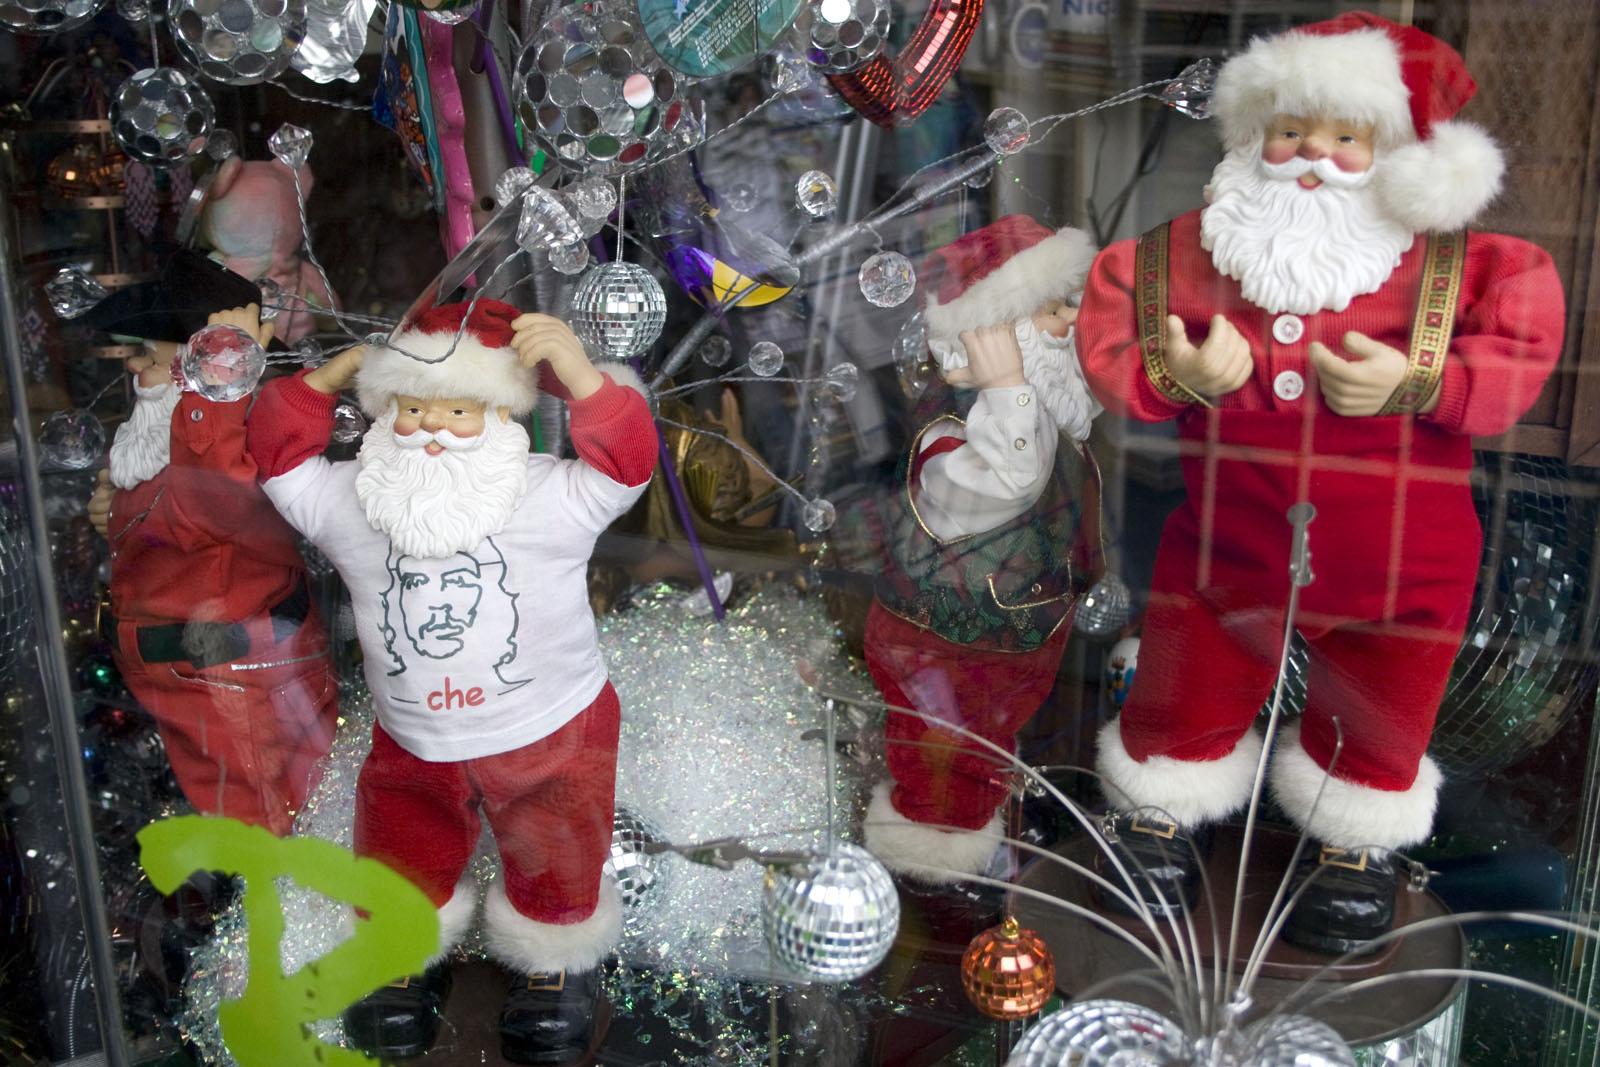 Dancing Santas! Inside!